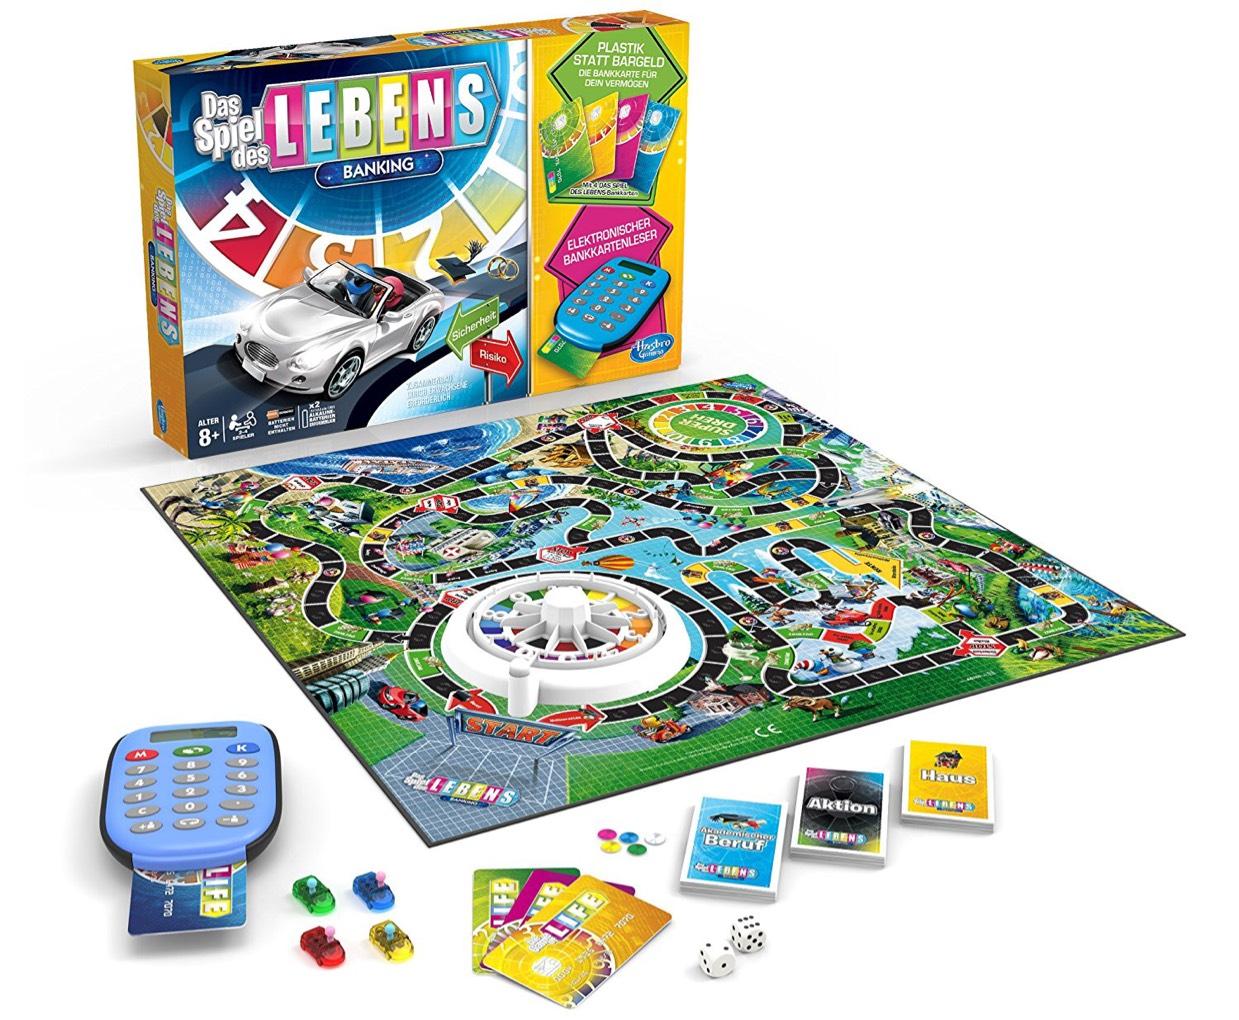 Spiel des Lebens Banking - Neueste Edition für 21,99€